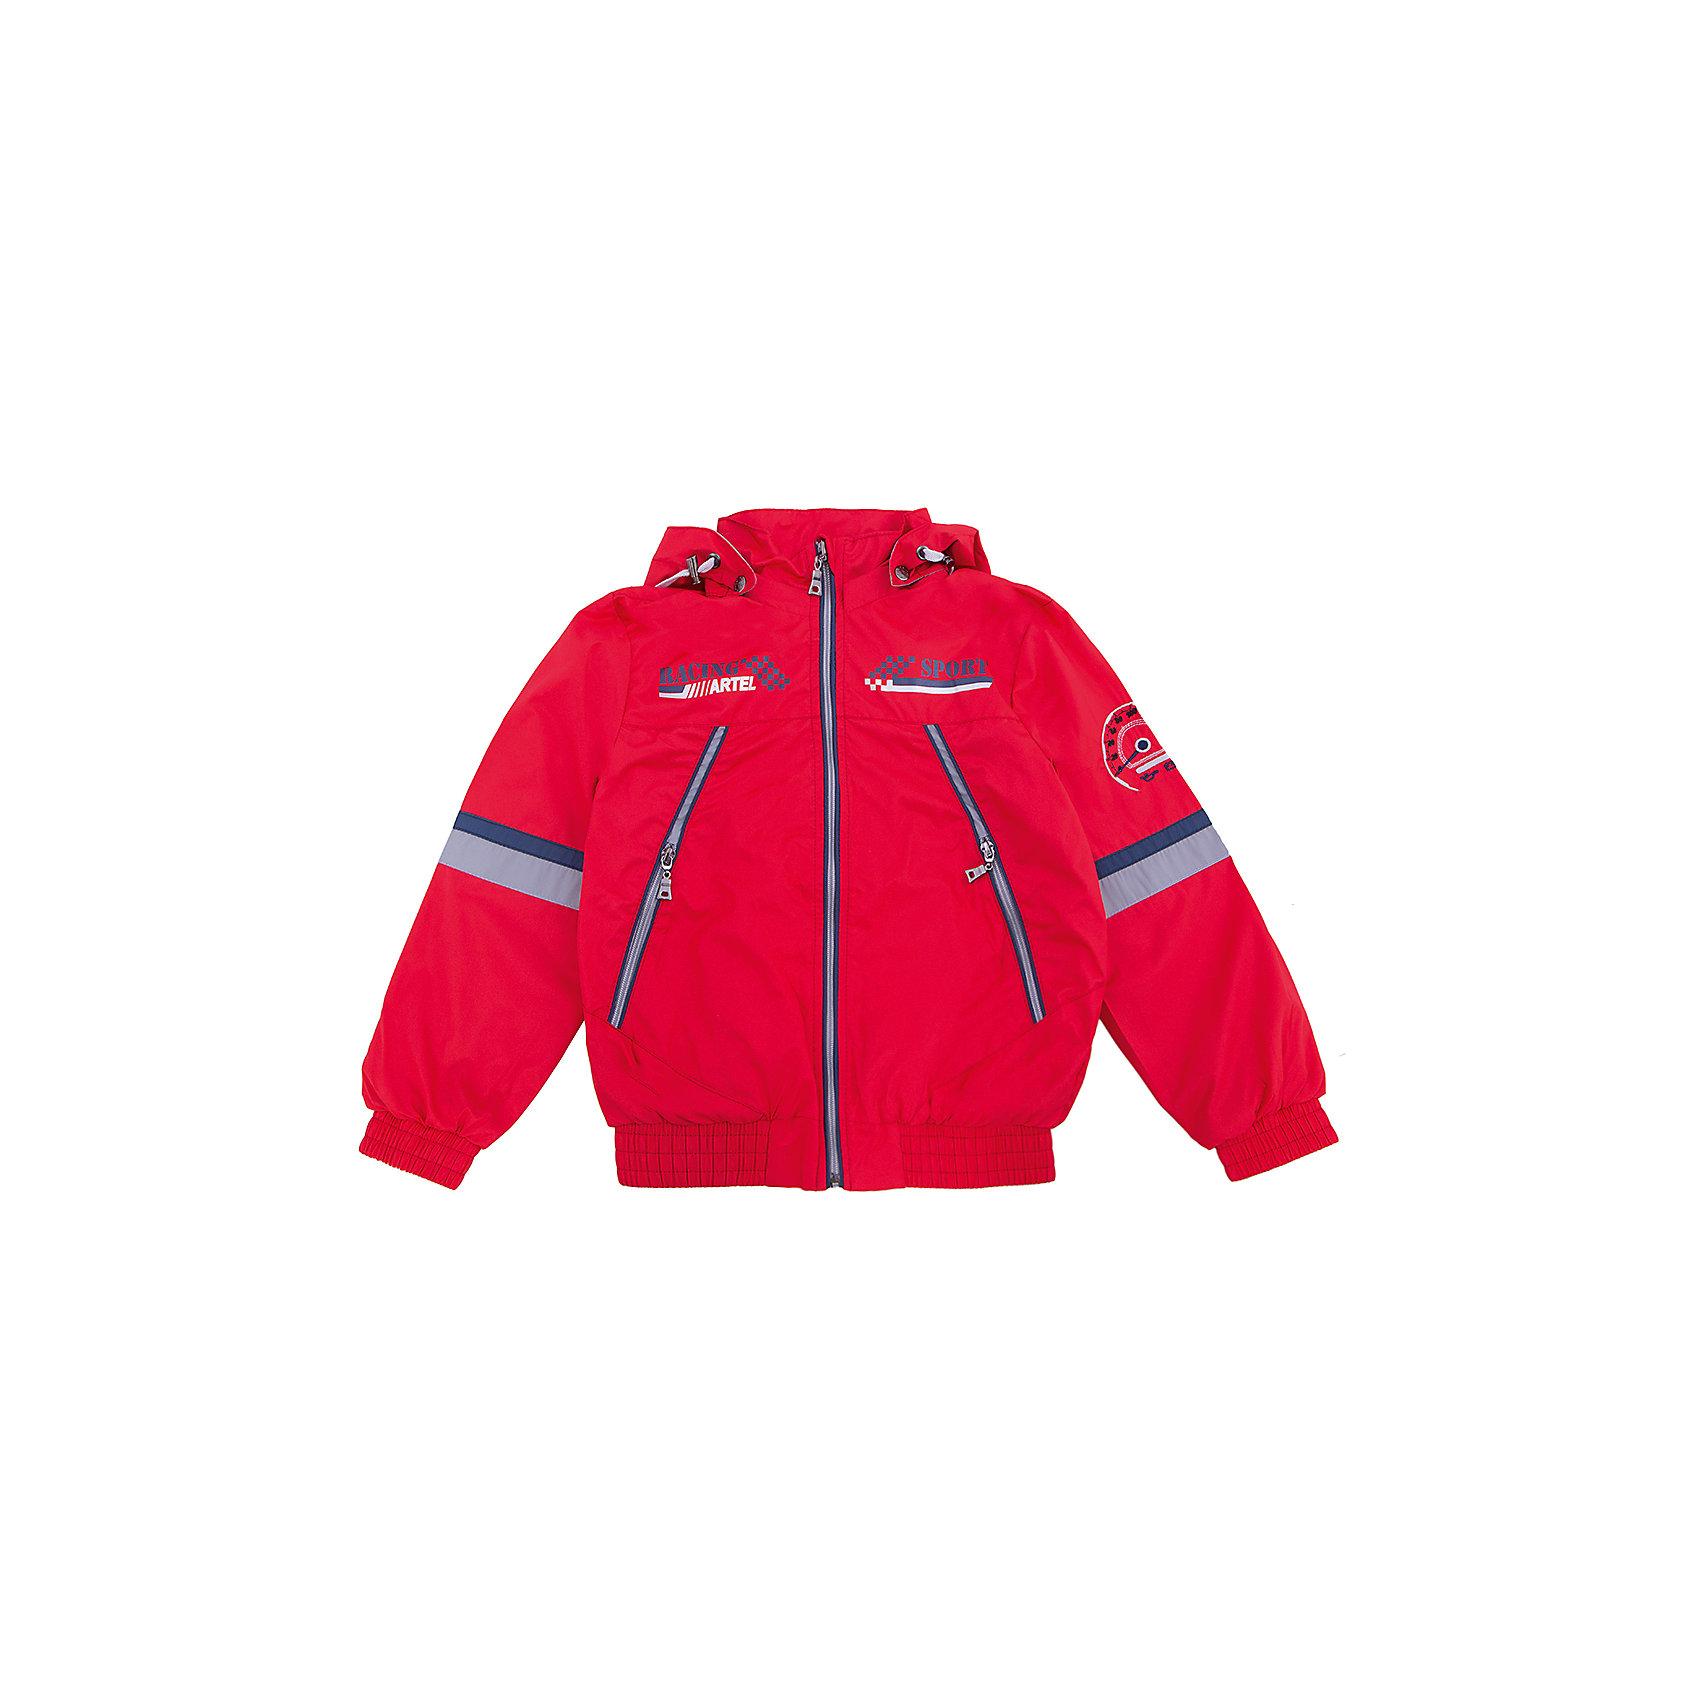 Ветровка для мальчика АртельВерхняя одежда<br>Ветровка для мальчика от торговой марки Артель &#13;<br>&#13;<br>Модная легкая куртка отлично подойдет для прогулок в прохладную погоду. Изделие выполнено из качественных материалов, имеет удобные карманы и капюшон. <br>Одежда от бренда Артель – это высокое качество по приемлемой цене и всегда продуманный дизайн. &#13;<br>&#13;<br>Особенности модели: &#13;<br>- цвет - красный;&#13;<br>- наличие карманов;&#13;<br>- наличие капюшона;&#13;<br>- низ и манжеты на резинках;&#13;<br>- декорирована вышивкой и принтом;&#13;<br>- застежка-молния.&#13;<br>&#13;<br>Дополнительная информация:&#13;<br>&#13;<br>Состав: &#13;<br>- верх: PRINC;&#13;<br>- подкладка: тиси.&#13;<br>&#13;<br>Температурный режим: &#13;<br>от +10 °C до +20 °C&#13;<br>&#13;<br>Ветровку для мальчика Артель (Artel) можно купить в нашем магазине.<br><br>Ширина мм: 356<br>Глубина мм: 10<br>Высота мм: 245<br>Вес г: 519<br>Цвет: красный<br>Возраст от месяцев: 84<br>Возраст до месяцев: 96<br>Пол: Мужской<br>Возраст: Детский<br>Размер: 128,140,146,134<br>SKU: 4496164